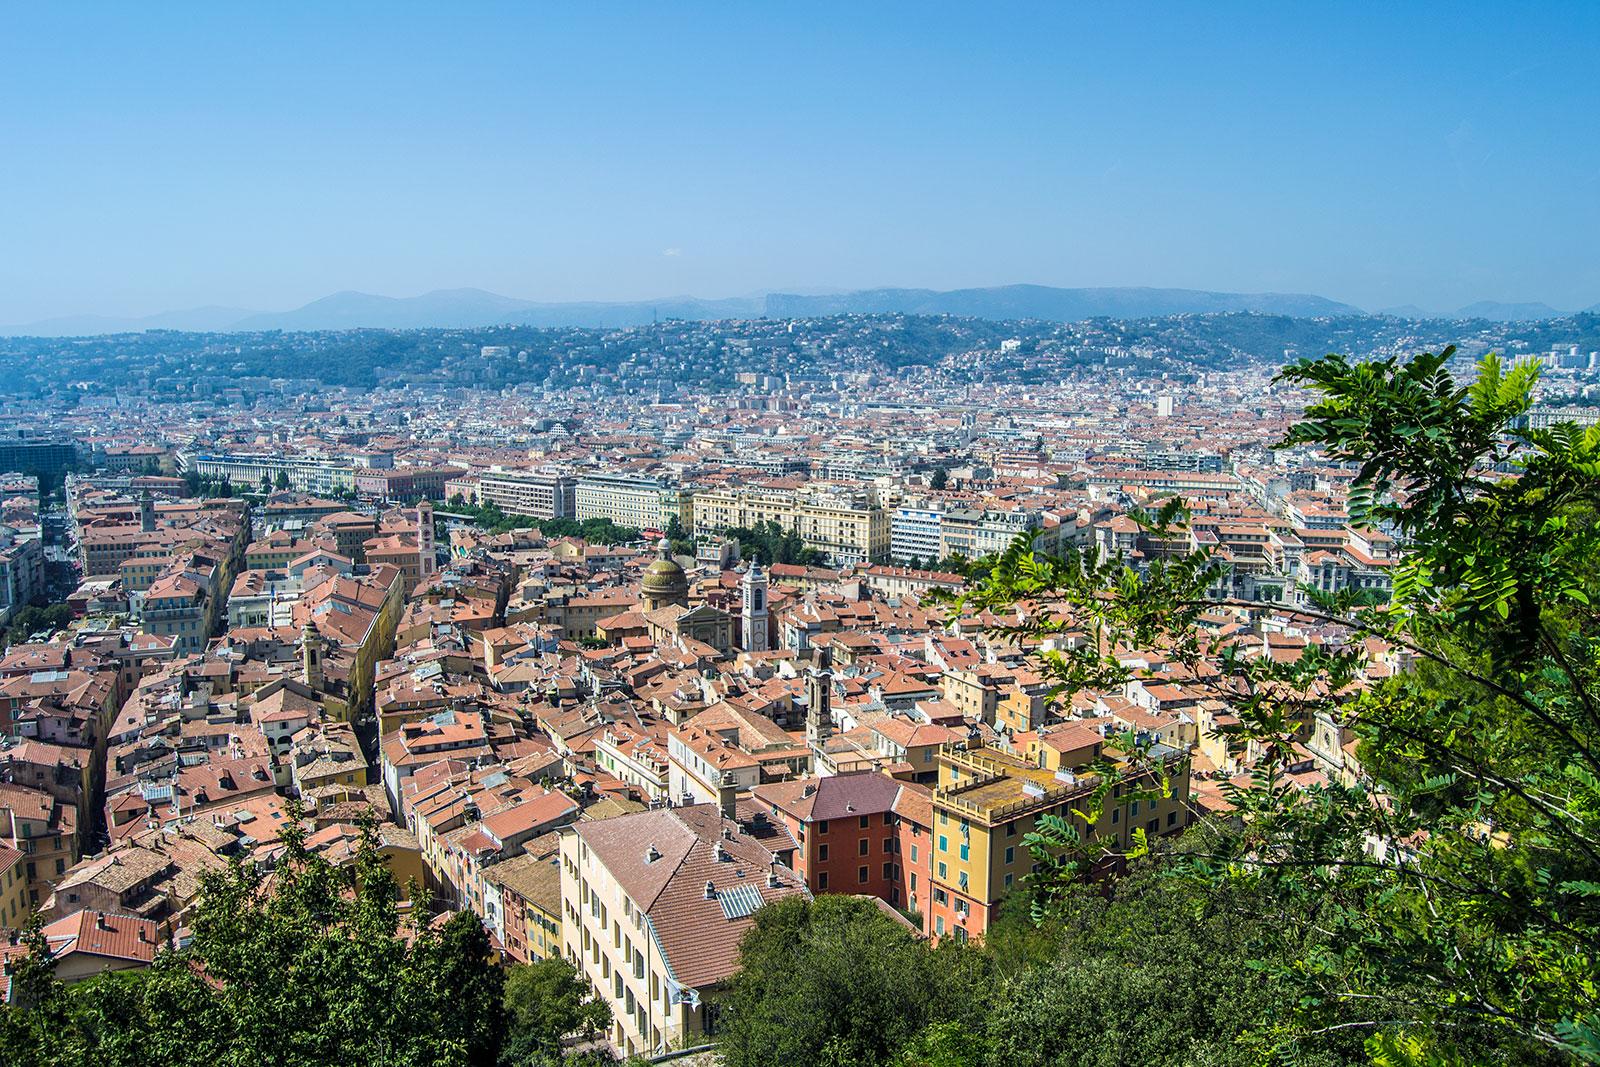 Vistas desde el antiguo castillo de Niza - una mañana en Niza